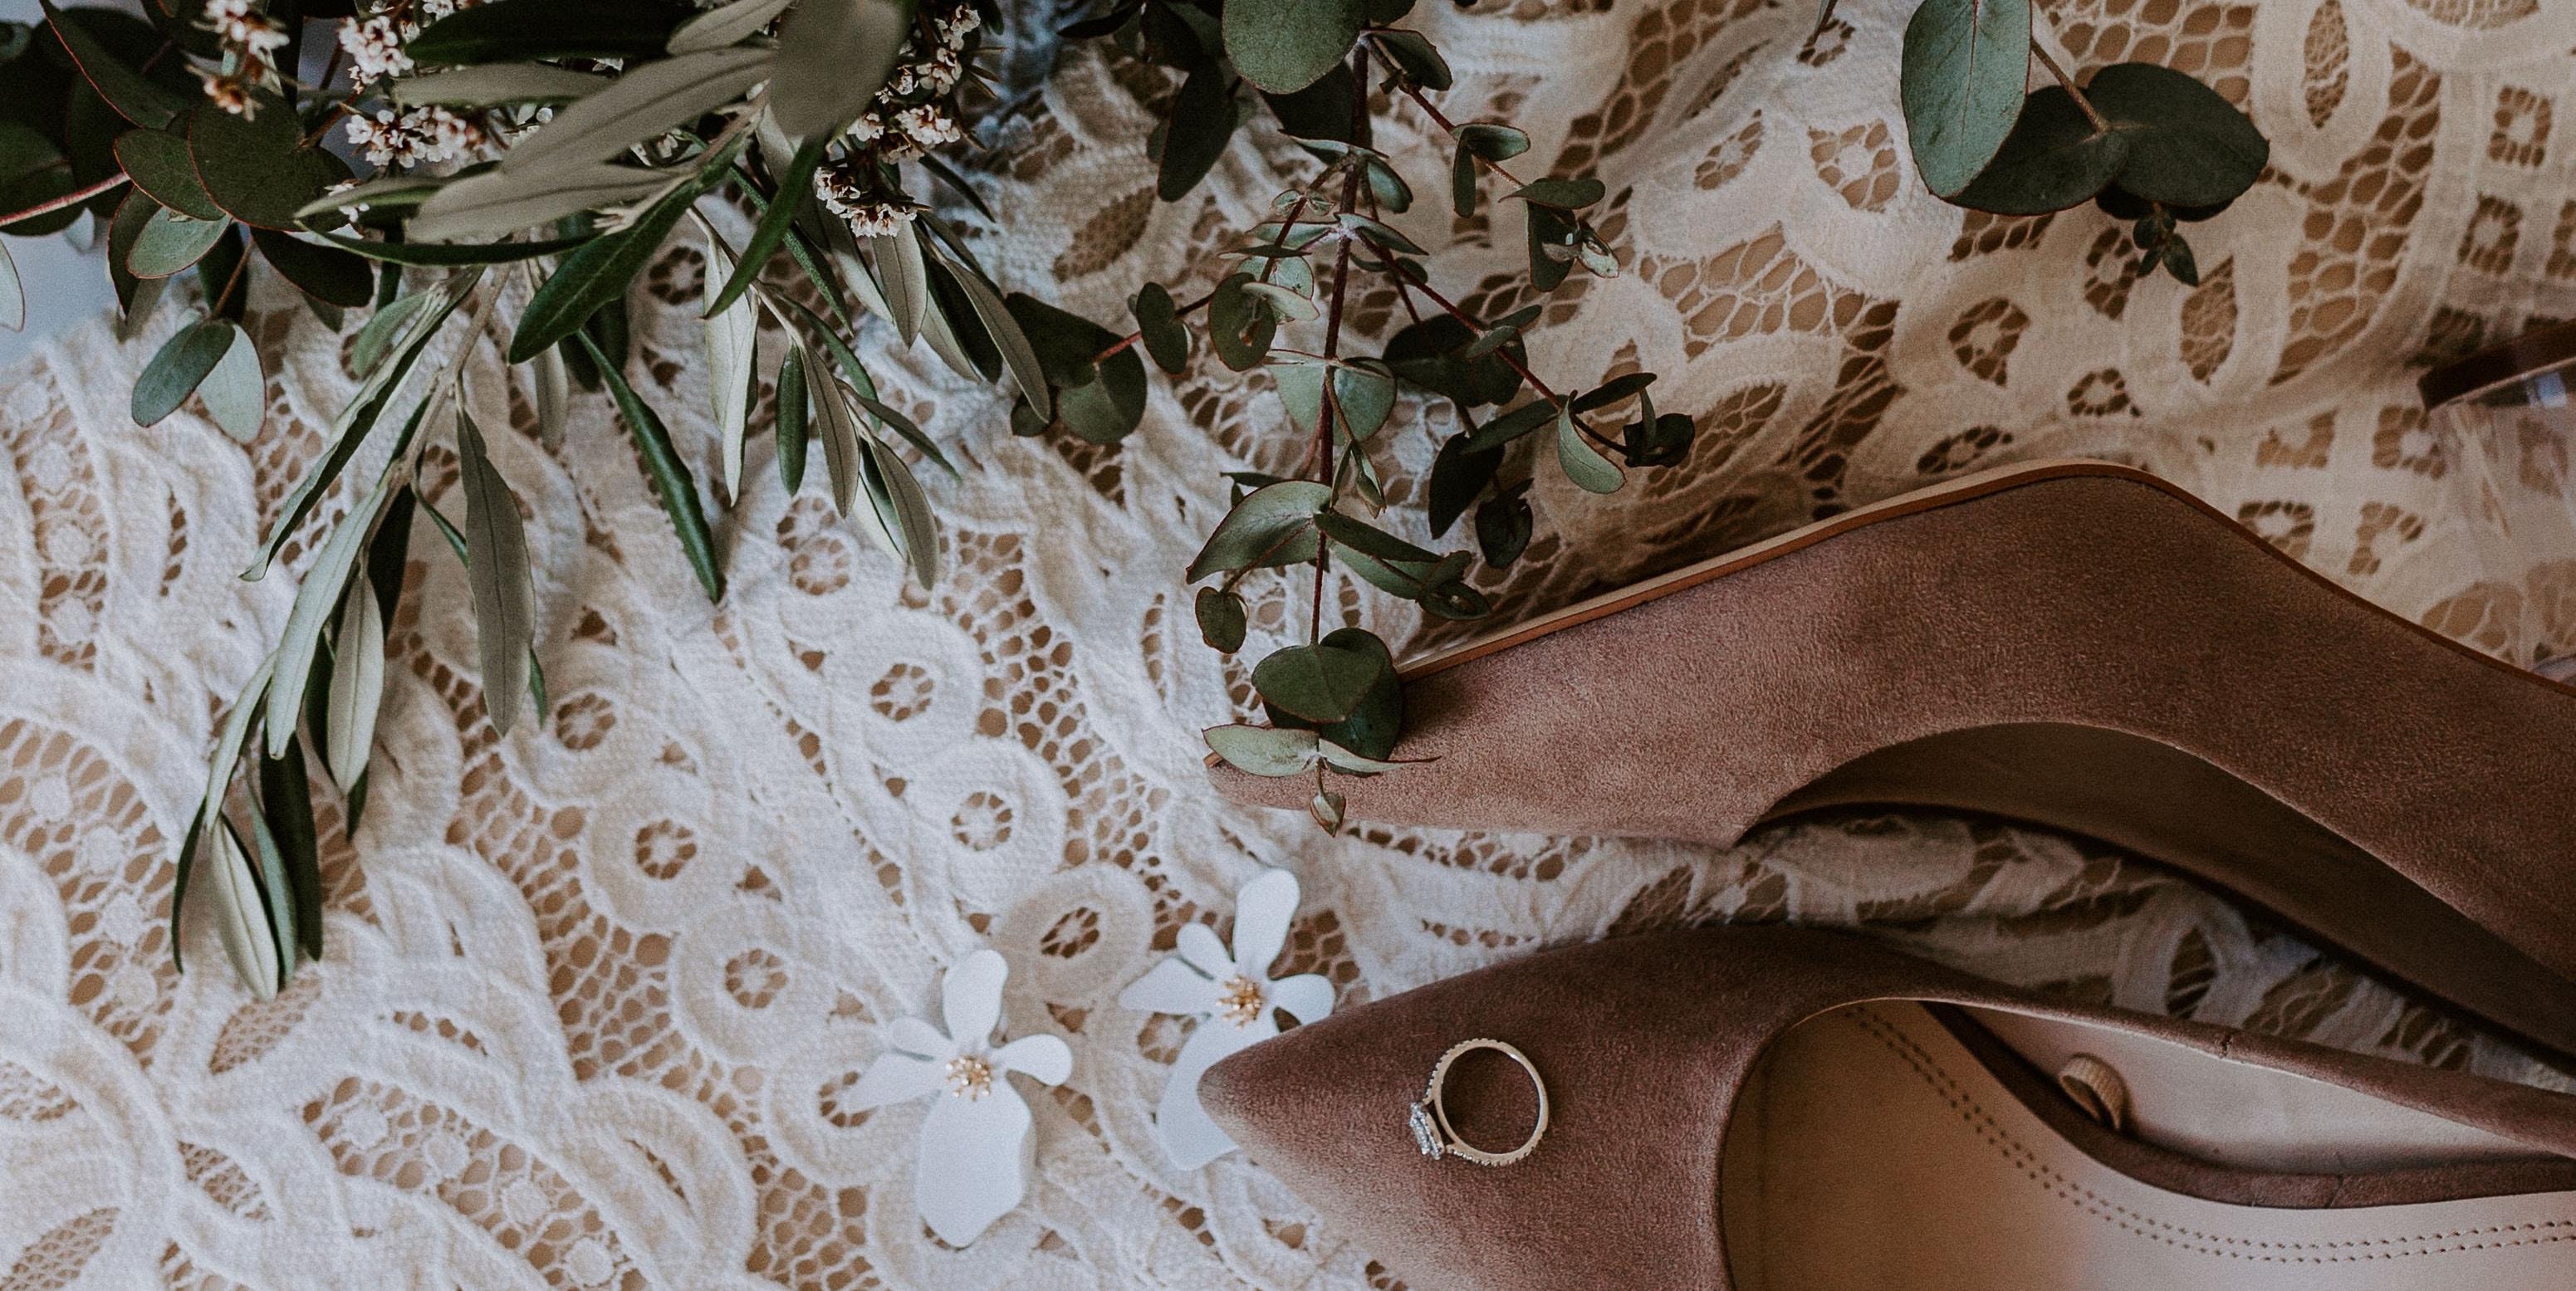 Standesamtkleider: Brautkleider & die passenden Accessoires